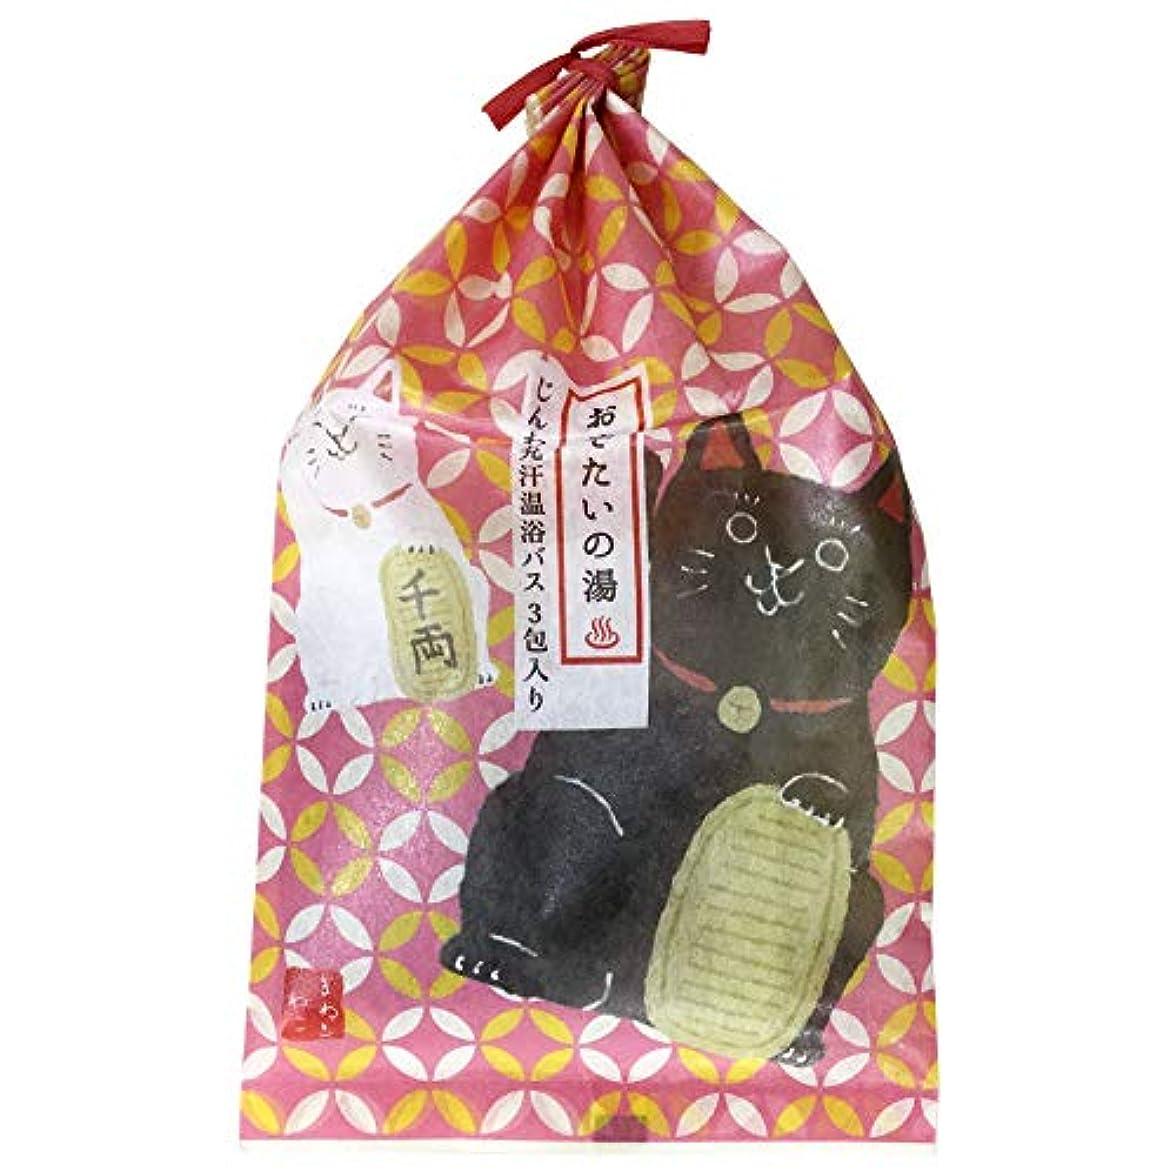 迫害同様に国旗【招き猫(60789)】 チャーリー おめでたいの湯 バスバッグ3包入り 日本製